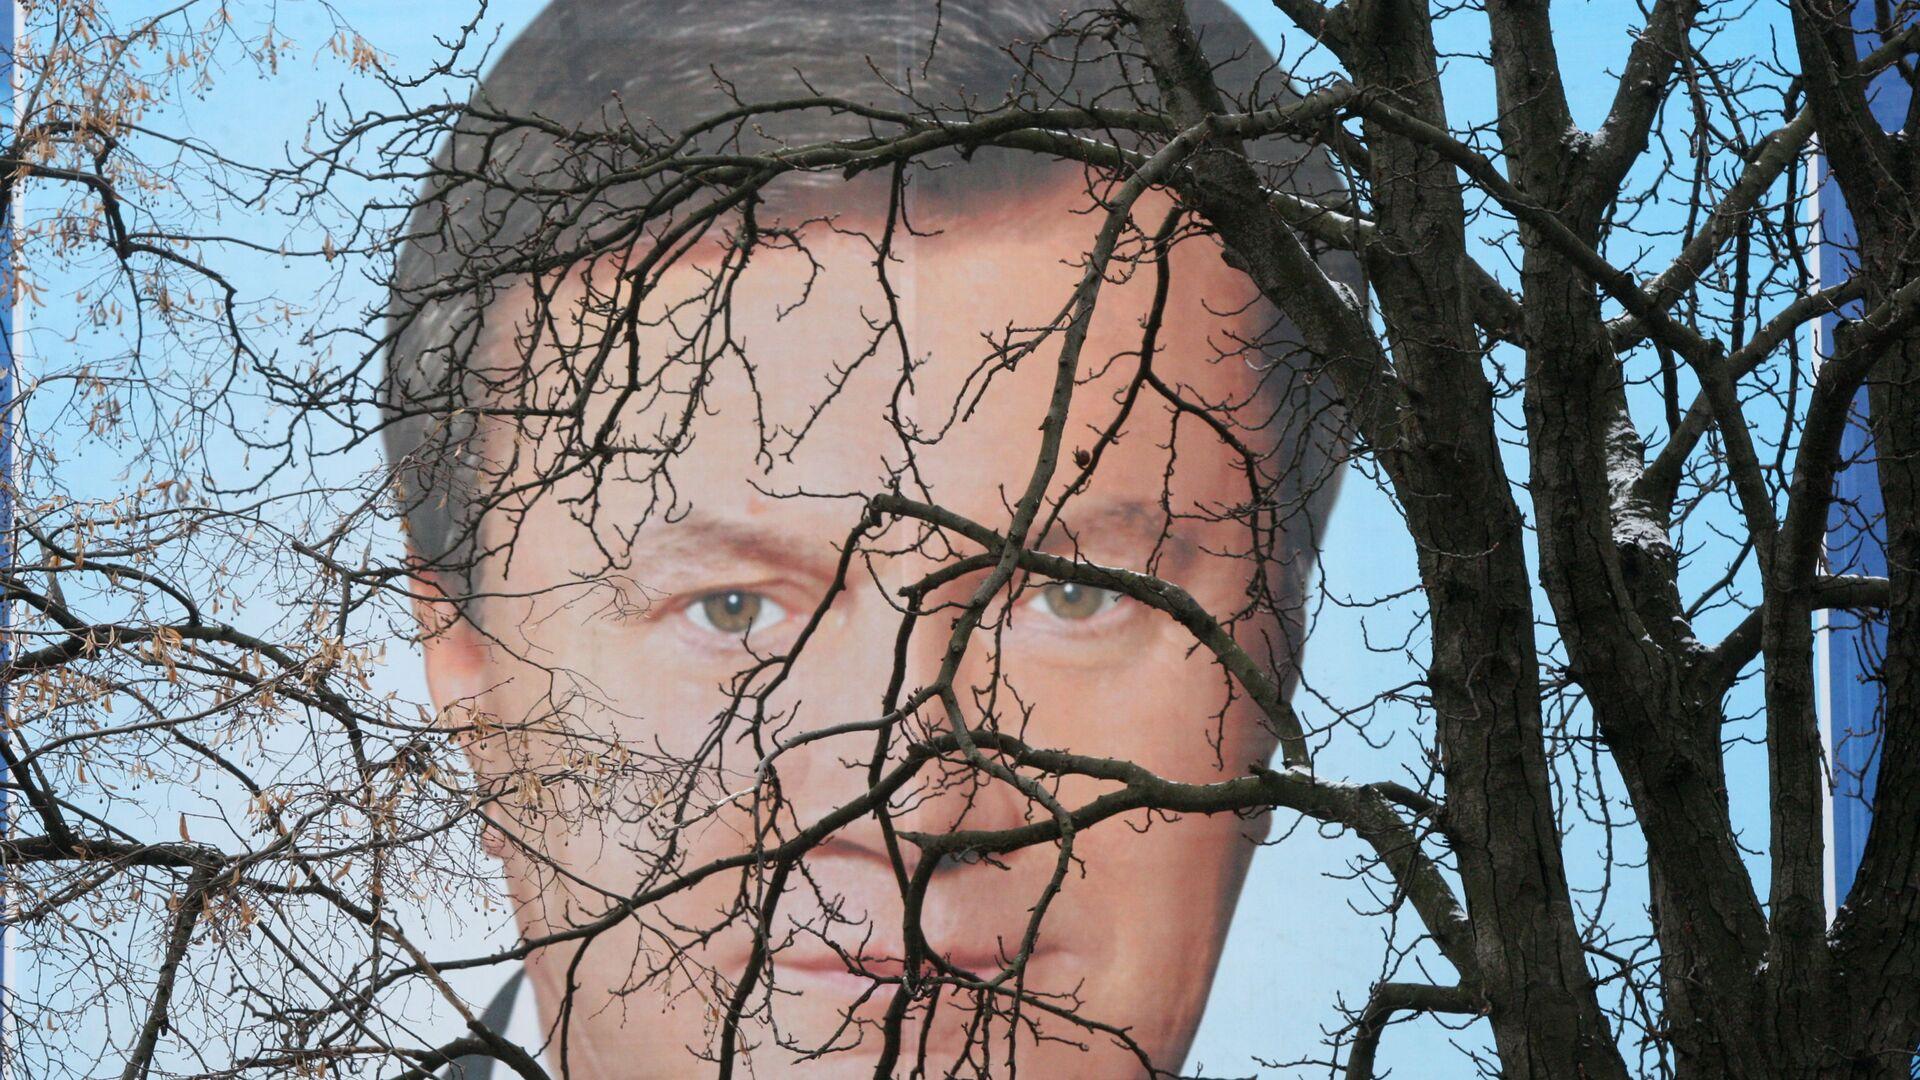 Предвыборный плакат Виктора Януковича в Киеве, 2010 год - РИА Новости, 1920, 10.10.2020